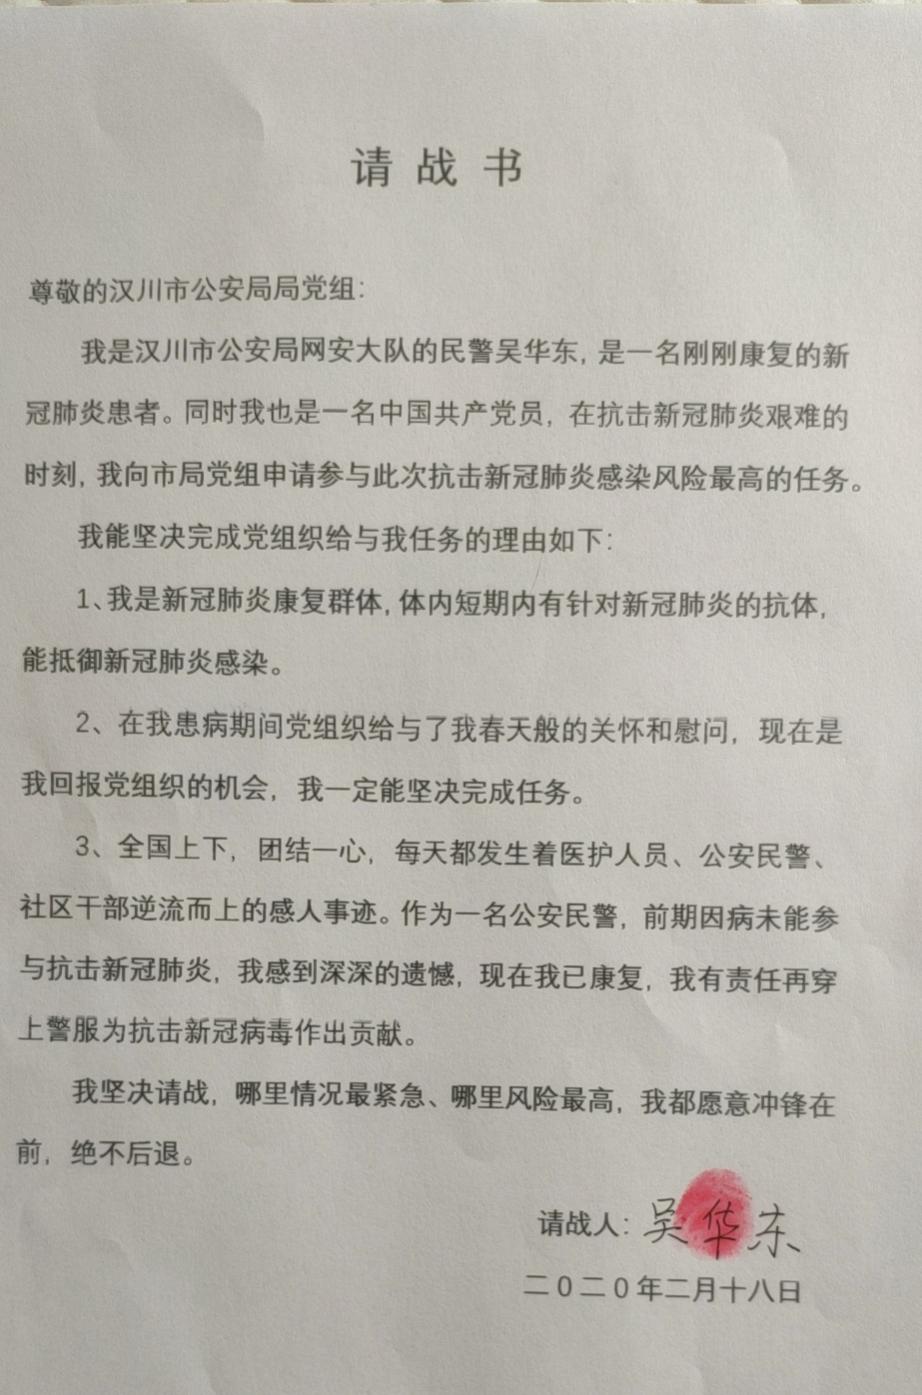 吴华东递交的请战书。本文图片均汉川警方供图